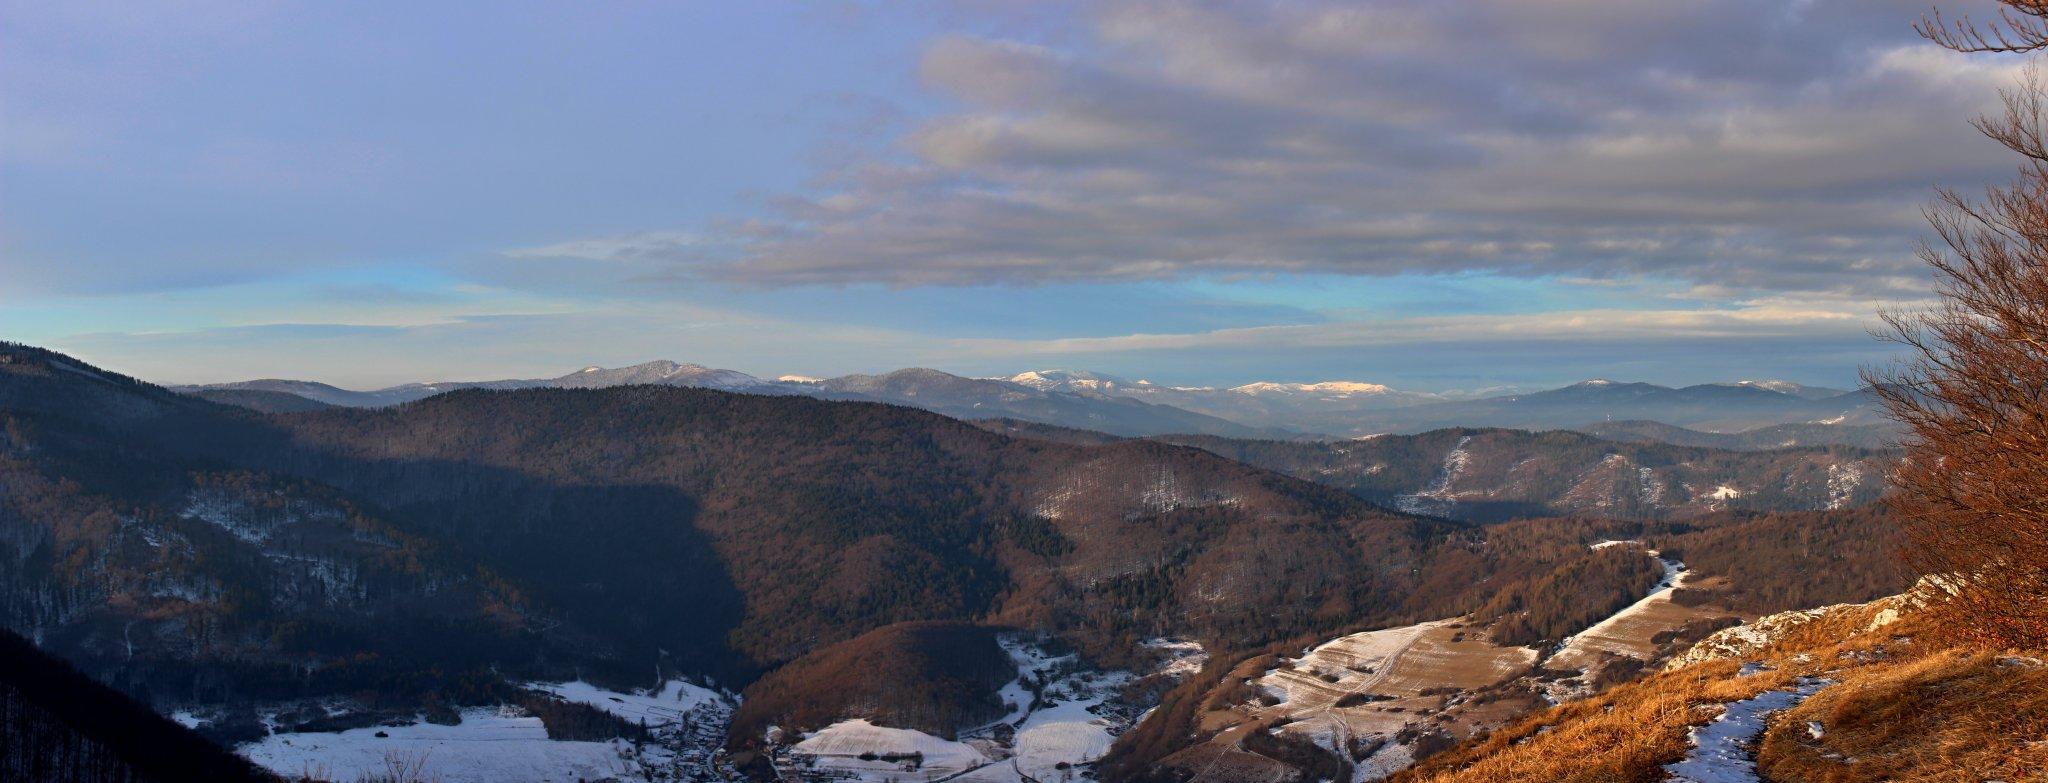 Folkmarská skala, Košice region, Slovakia – 3